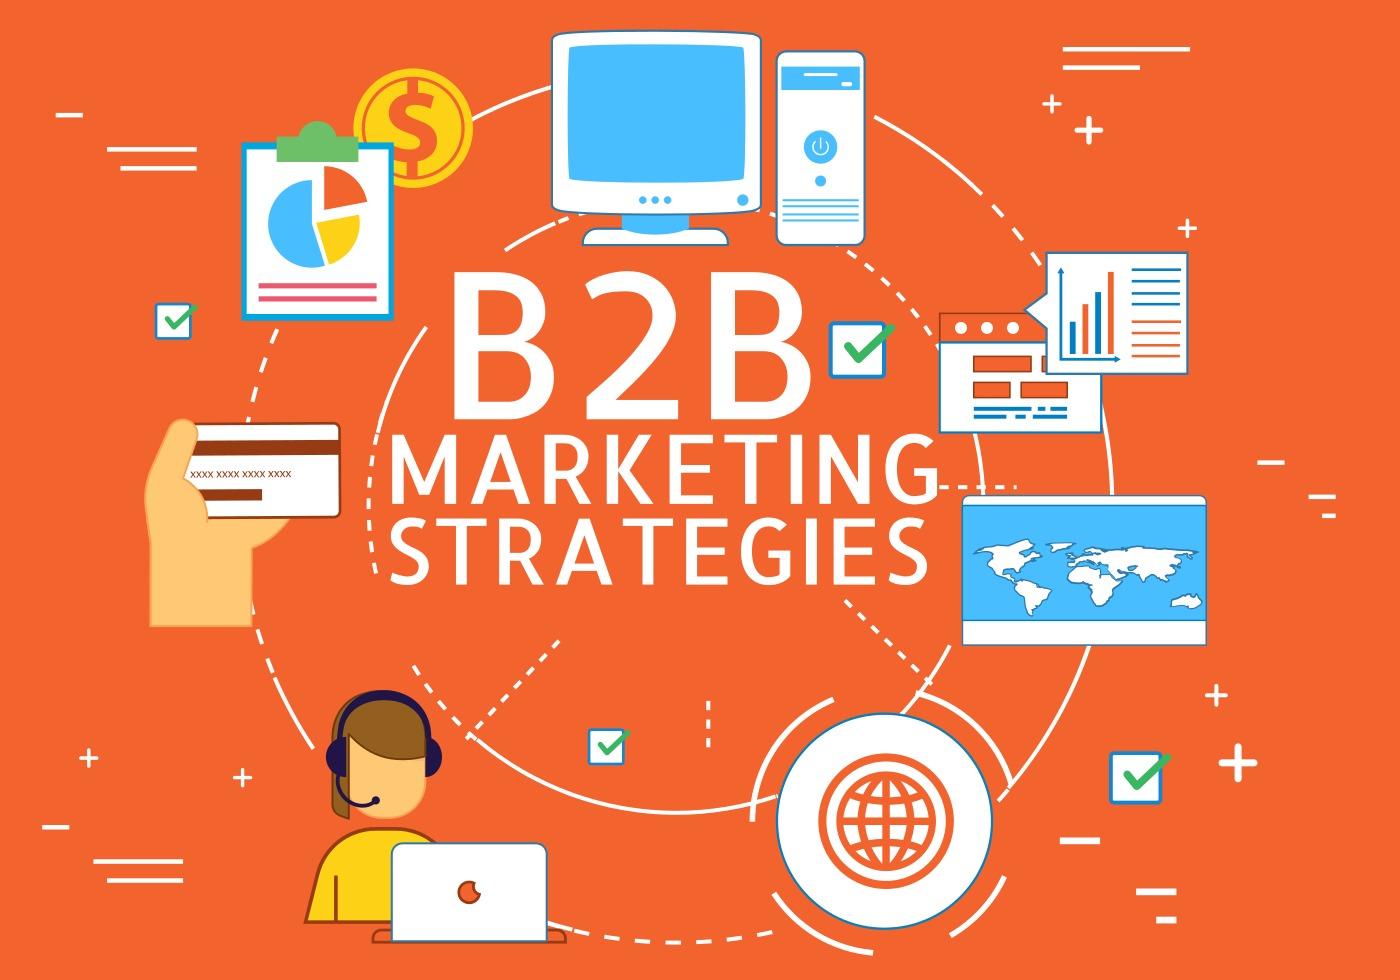 Chiến lược marketing B2B năm 2021 (cre: Grow)